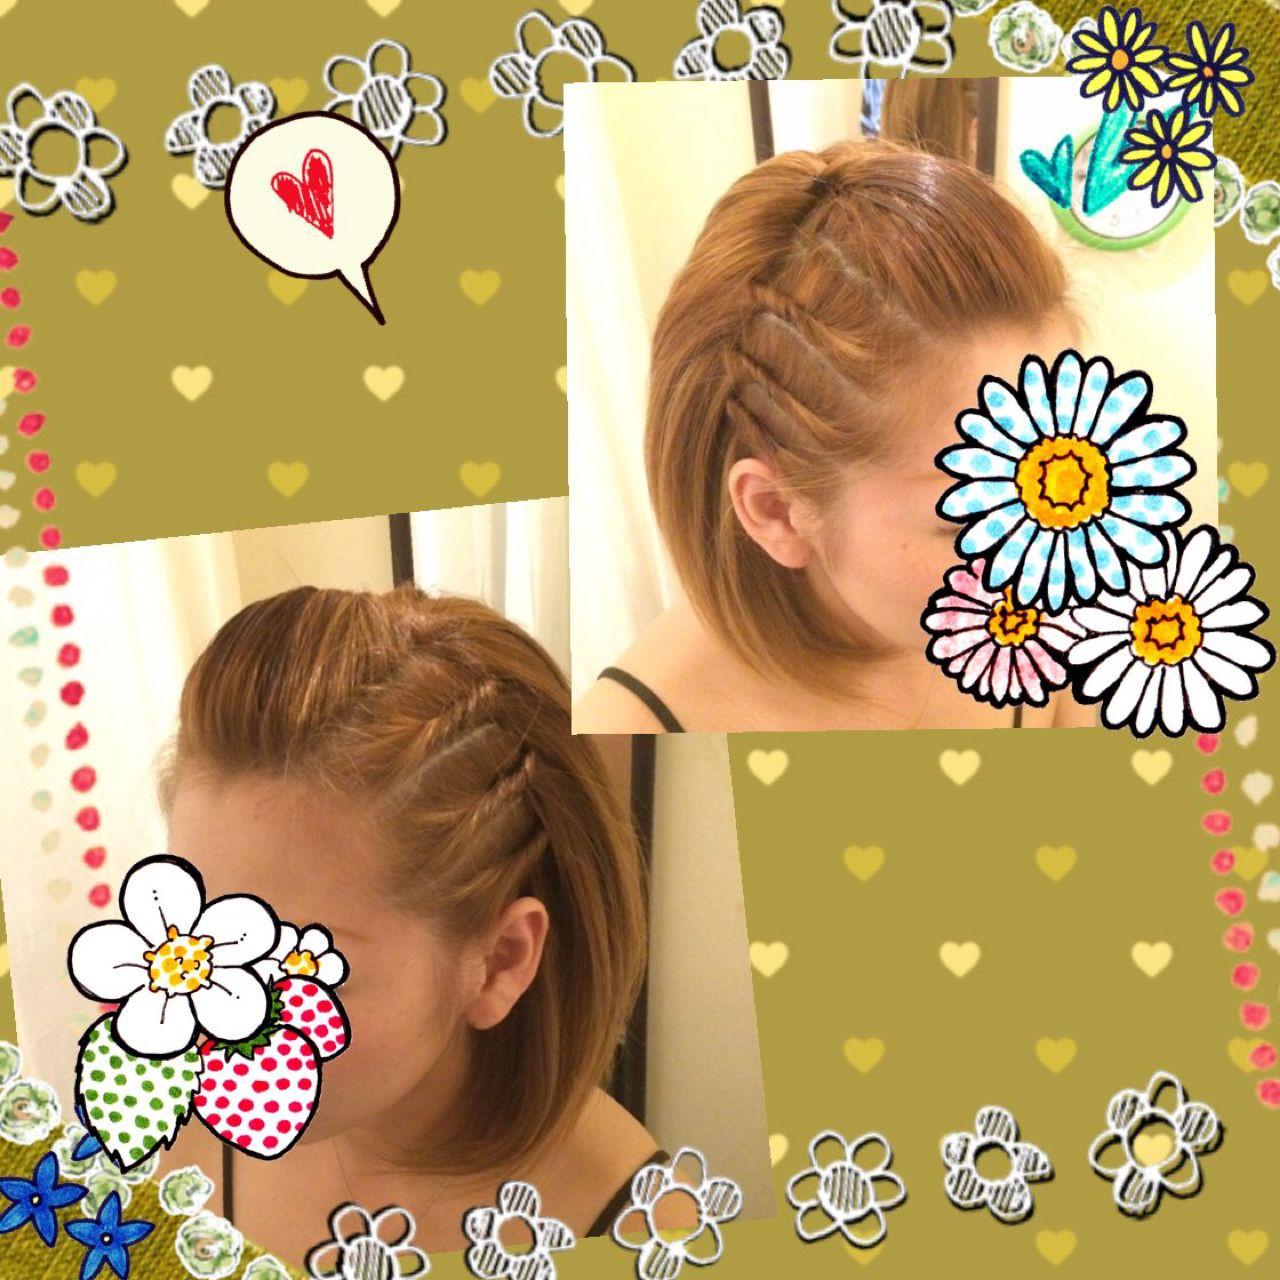 ハーフアップ ツイスト ポンパドール ヘアアレンジ ヘアスタイルや髪型の写真・画像